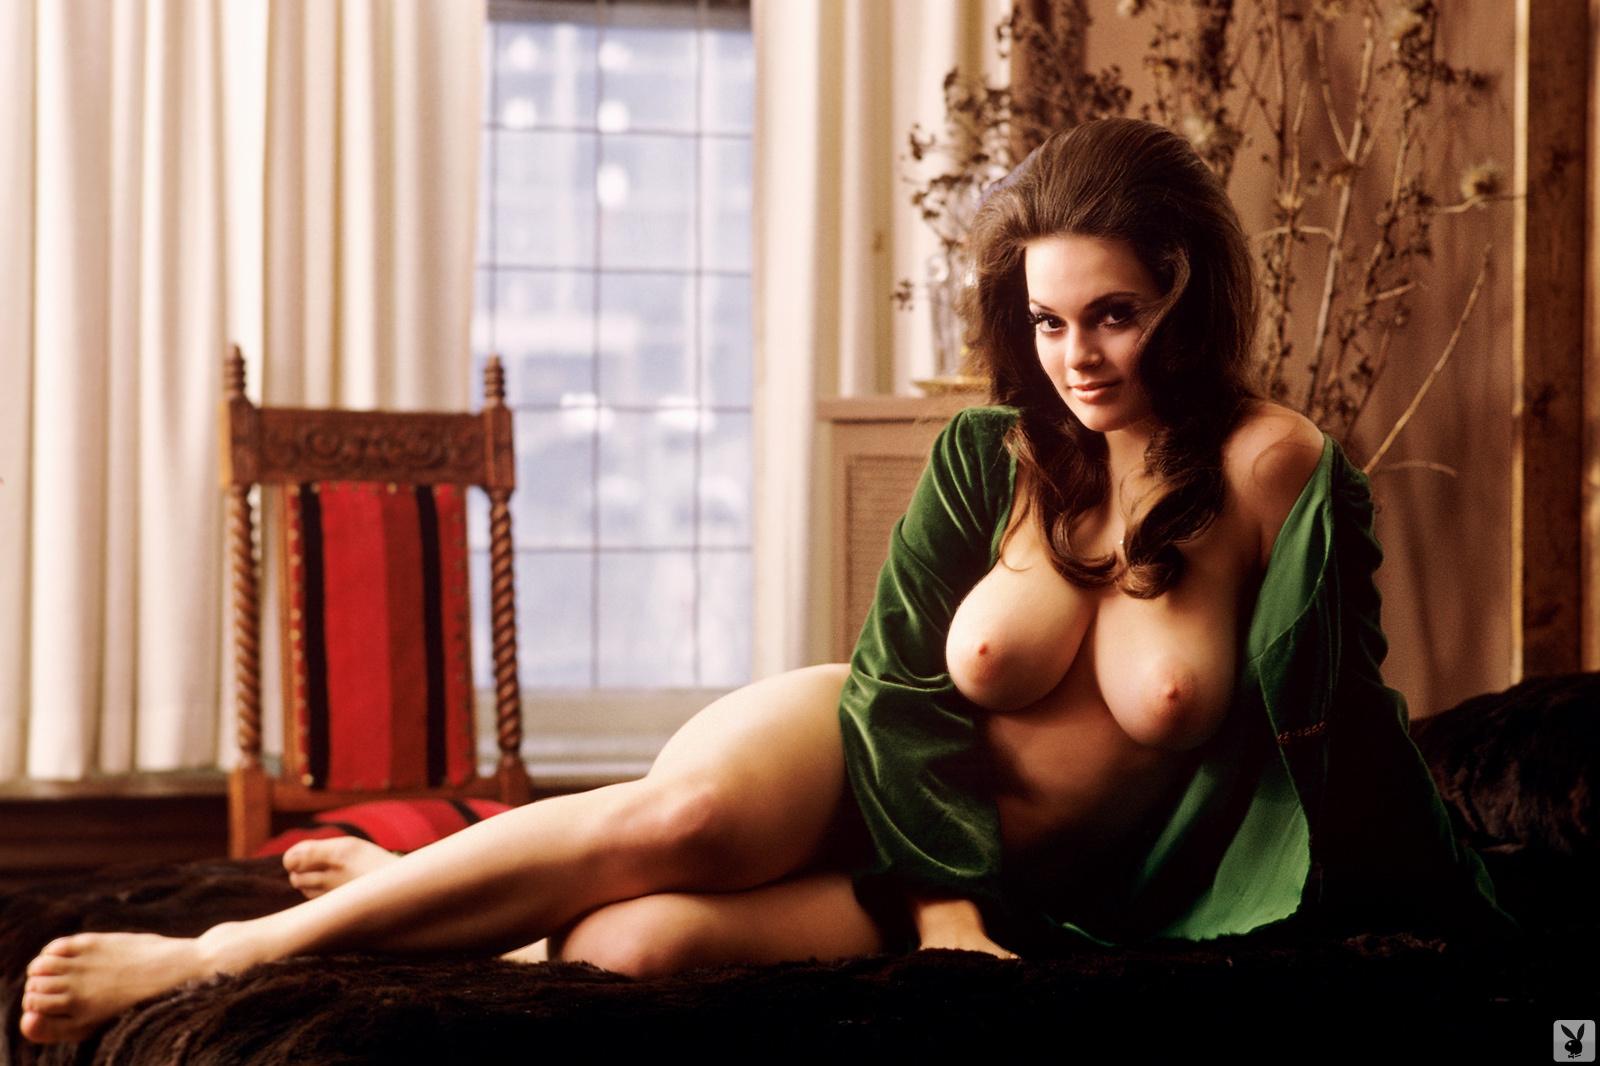 американские модели женщины эротика фильм